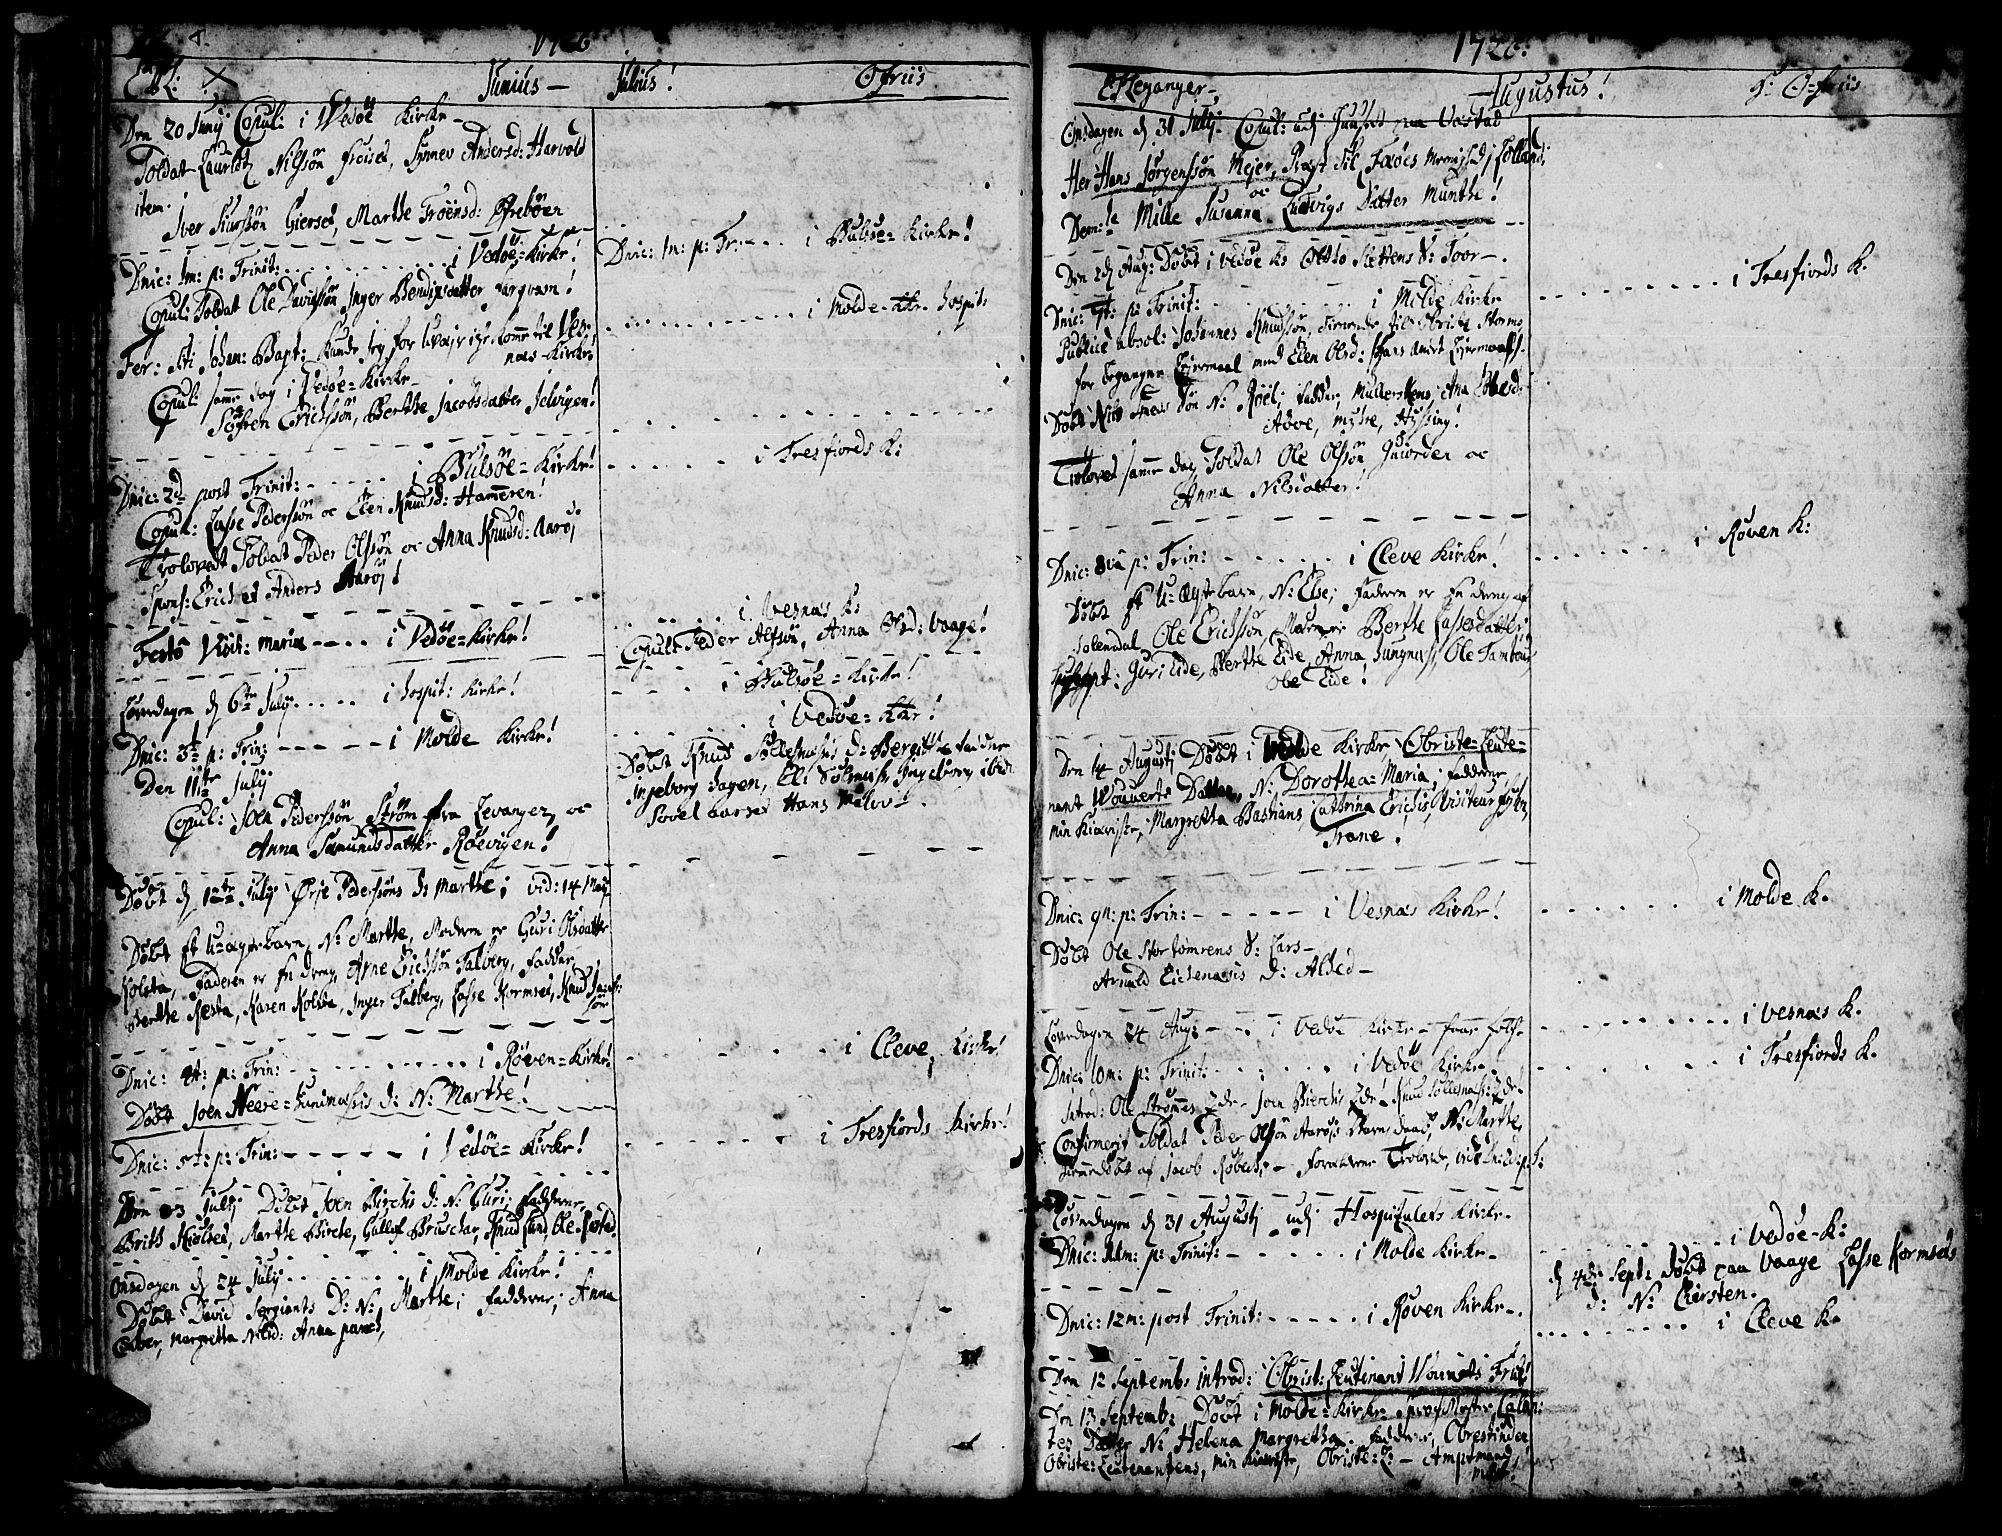 SAT, Ministerialprotokoller, klokkerbøker og fødselsregistre - Møre og Romsdal, 547/L0599: Ministerialbok nr. 547A01, 1721-1764, s. 74-75